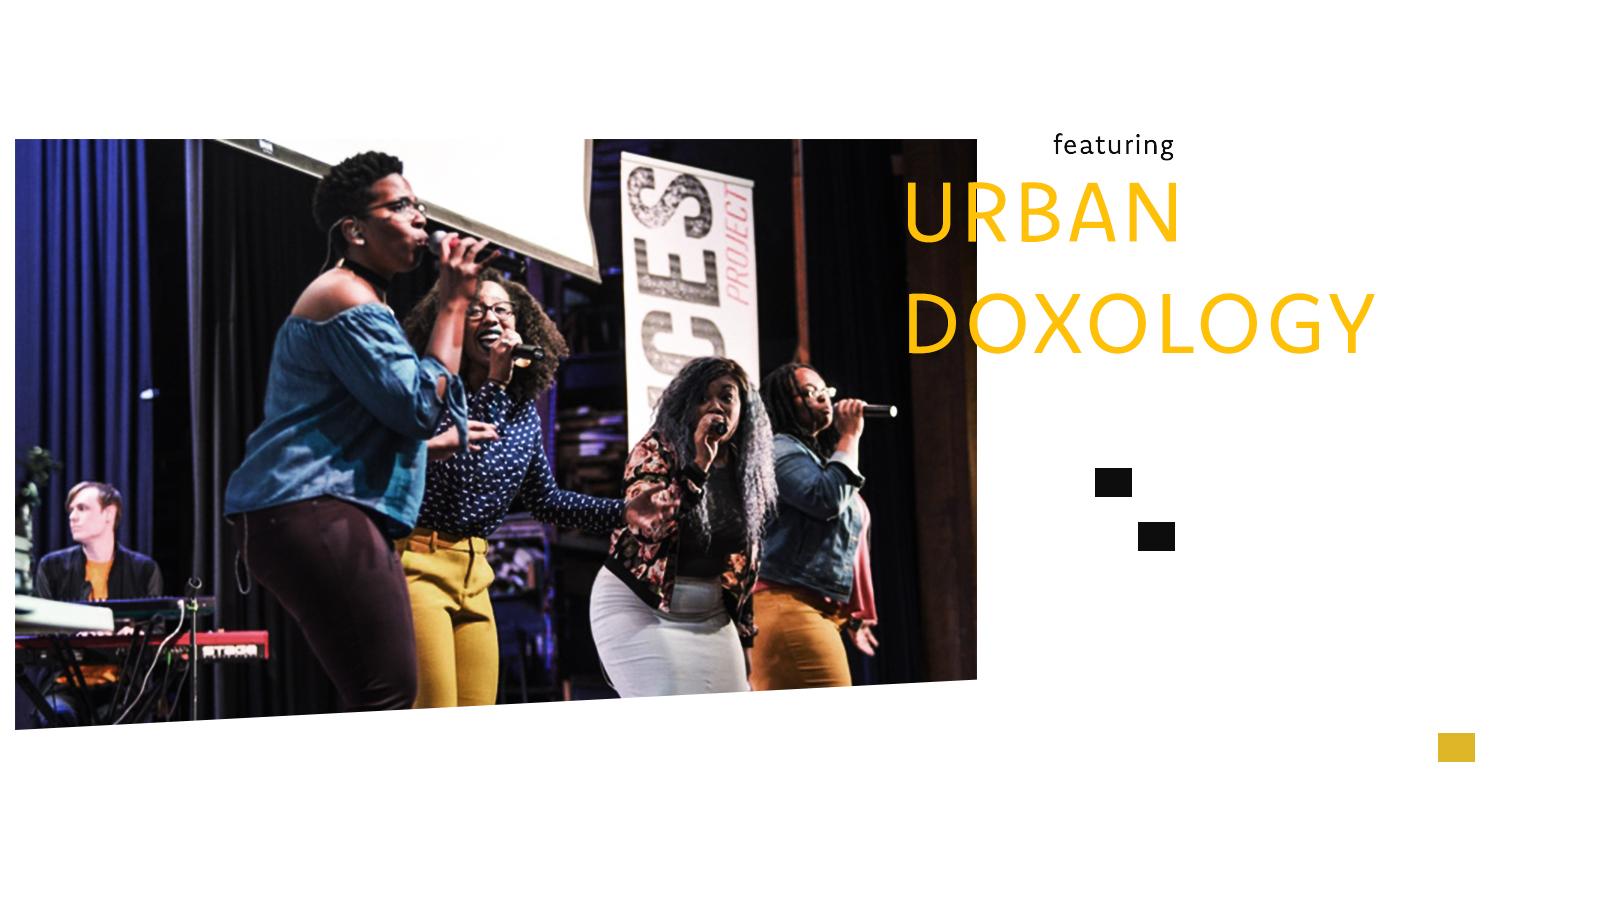 SS-Urbon-Doxology.jpg